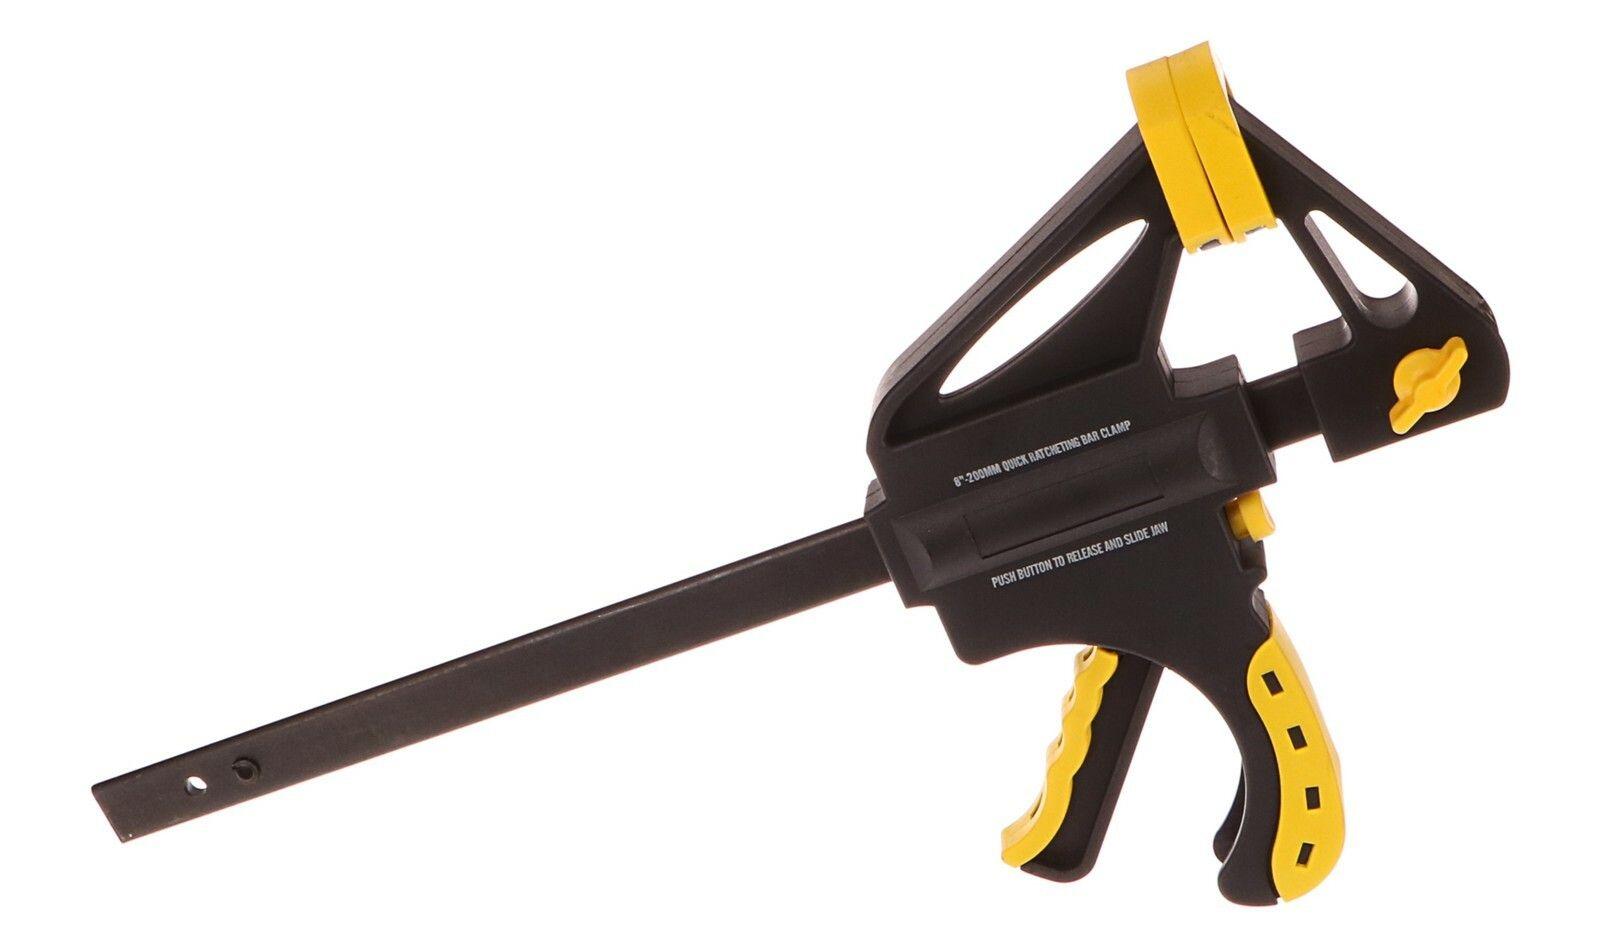 Svěrka rychloupínací HEAVY DUTY, 200mm, EXTOL CRAFT 715505